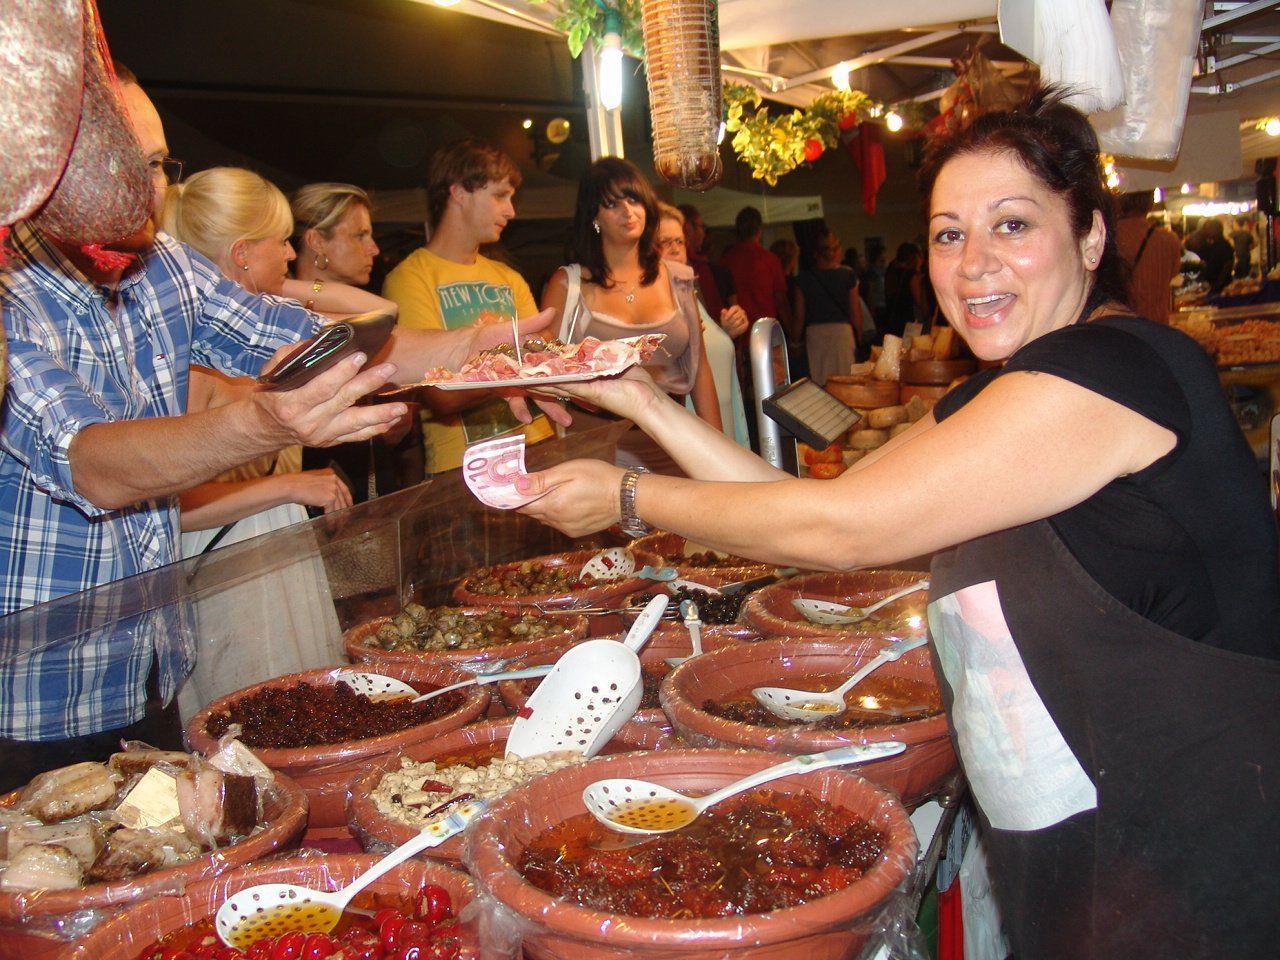 Marktfahrer aus den verschiedensten Regionen Italiens bieten ihre Köstlichkeiten an.